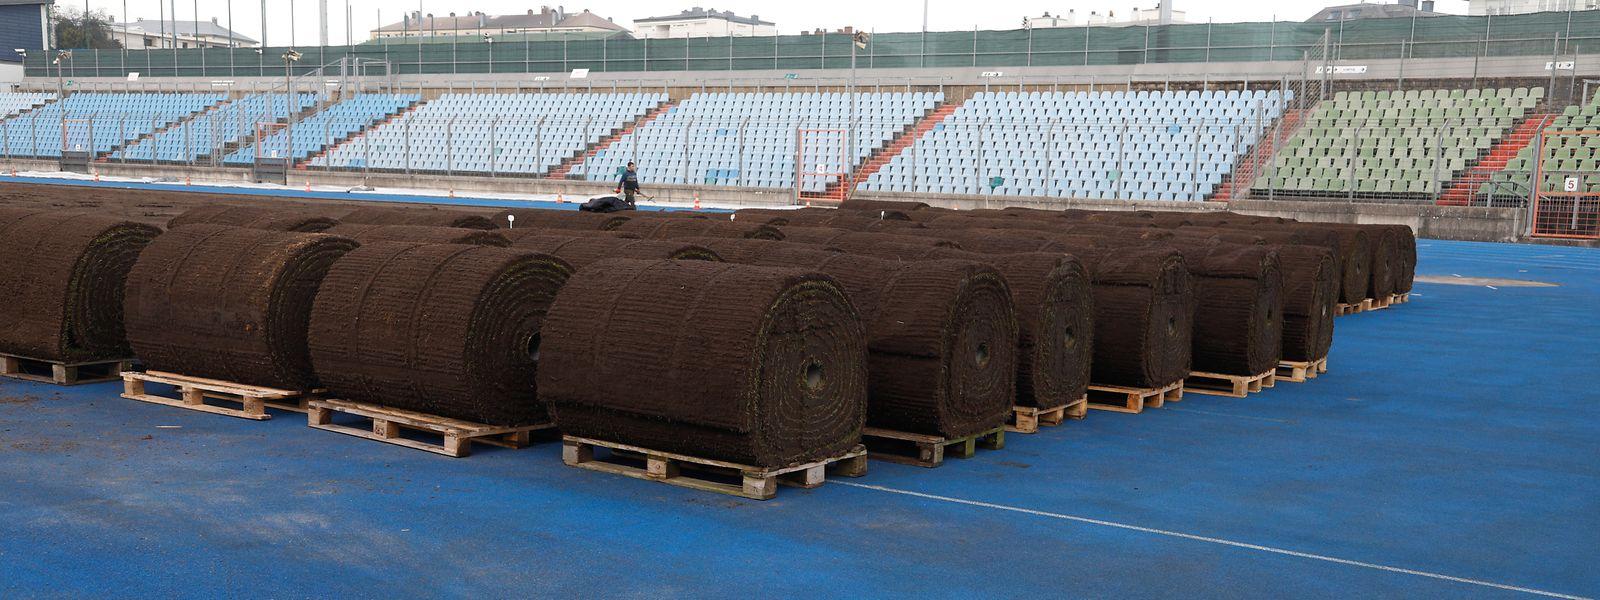 La nouvelle pelouse du stade Josy-Barthel doit être posée ce lundi pour respecter le timing imposé par l'UEFA.